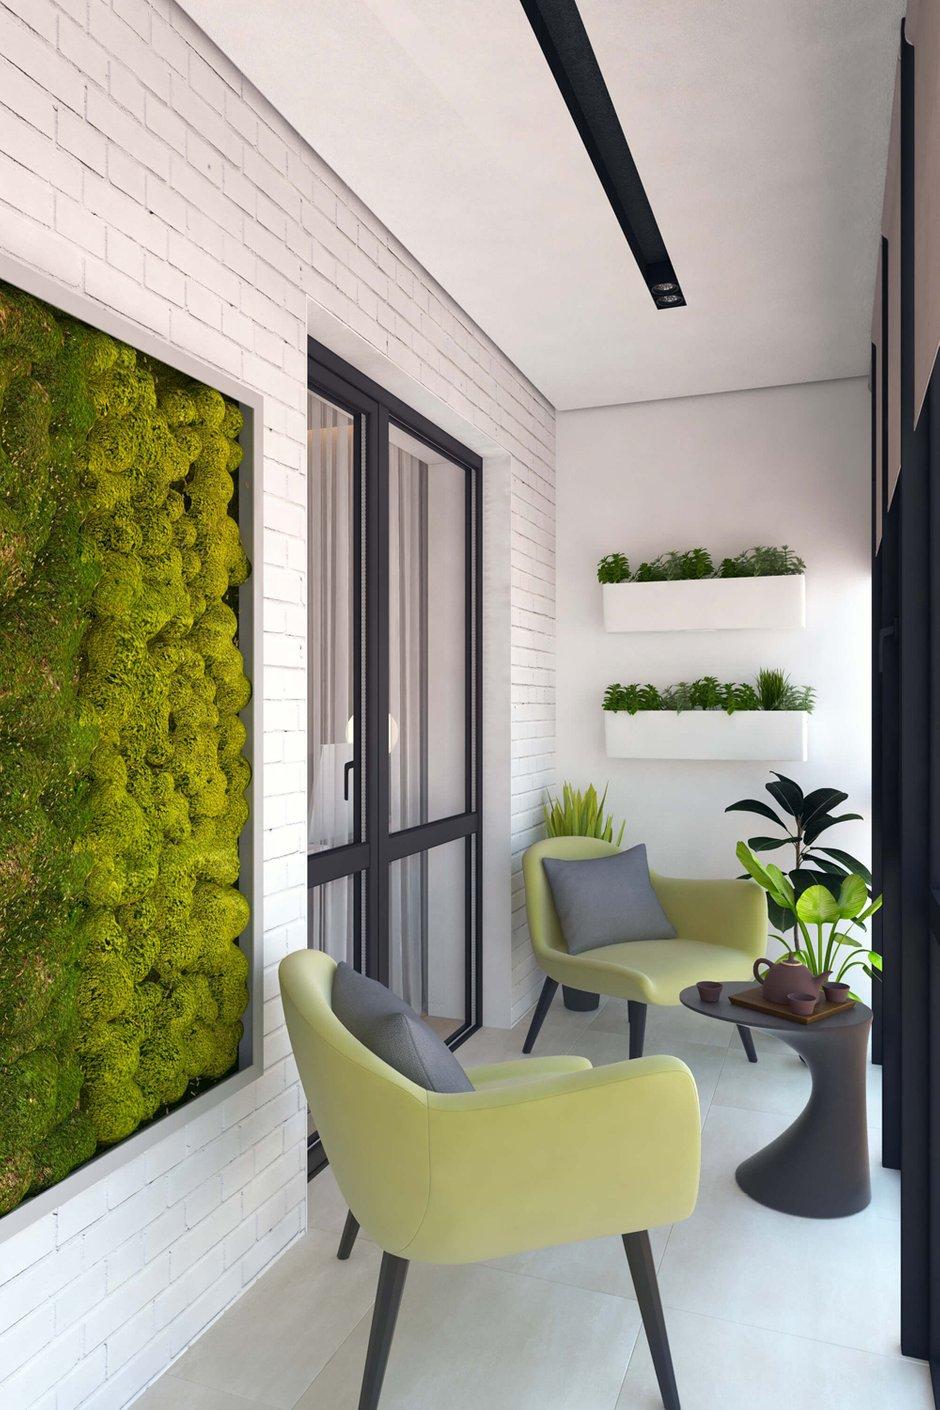 Фотография: Балкон в стиле Эко, Квартира, Проект недели, Geometrium – фото на INMYROOM